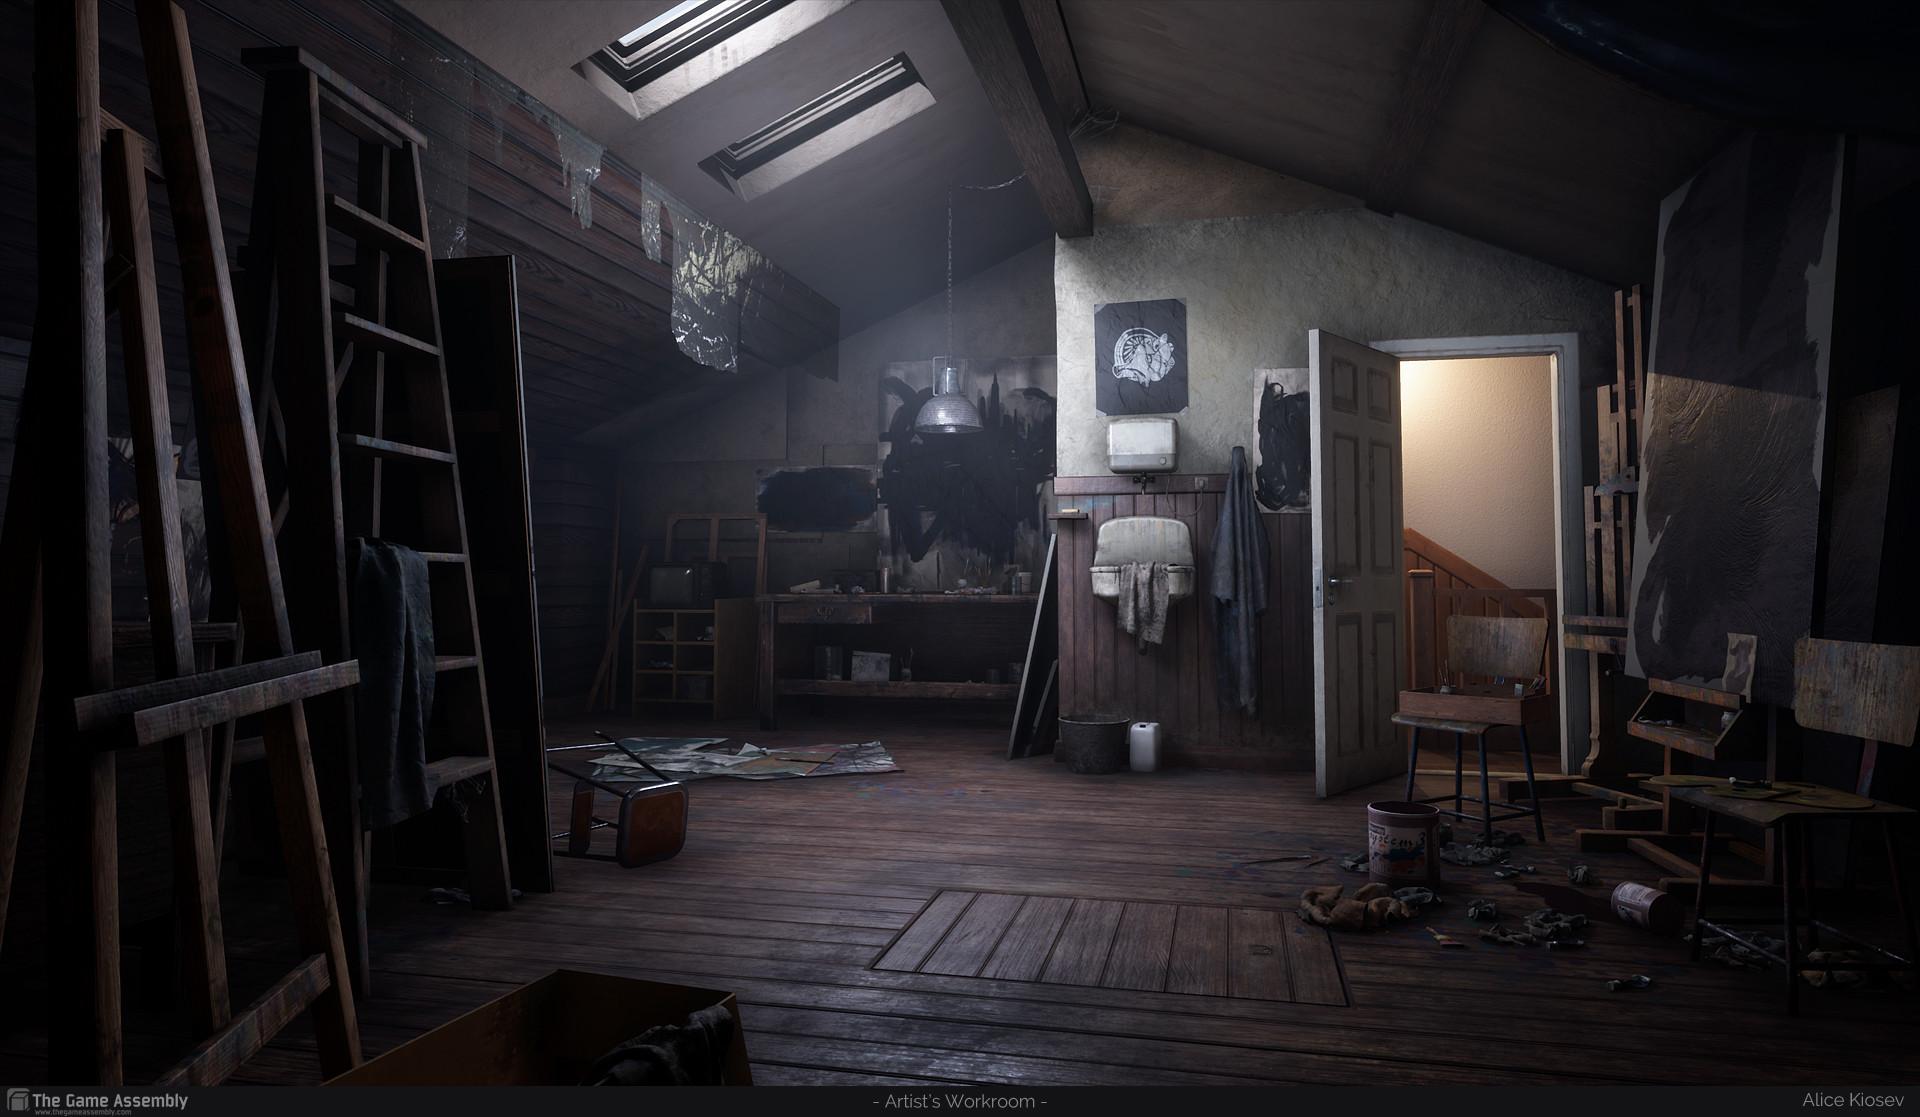 Alice kiosev alicekiosevstudio01